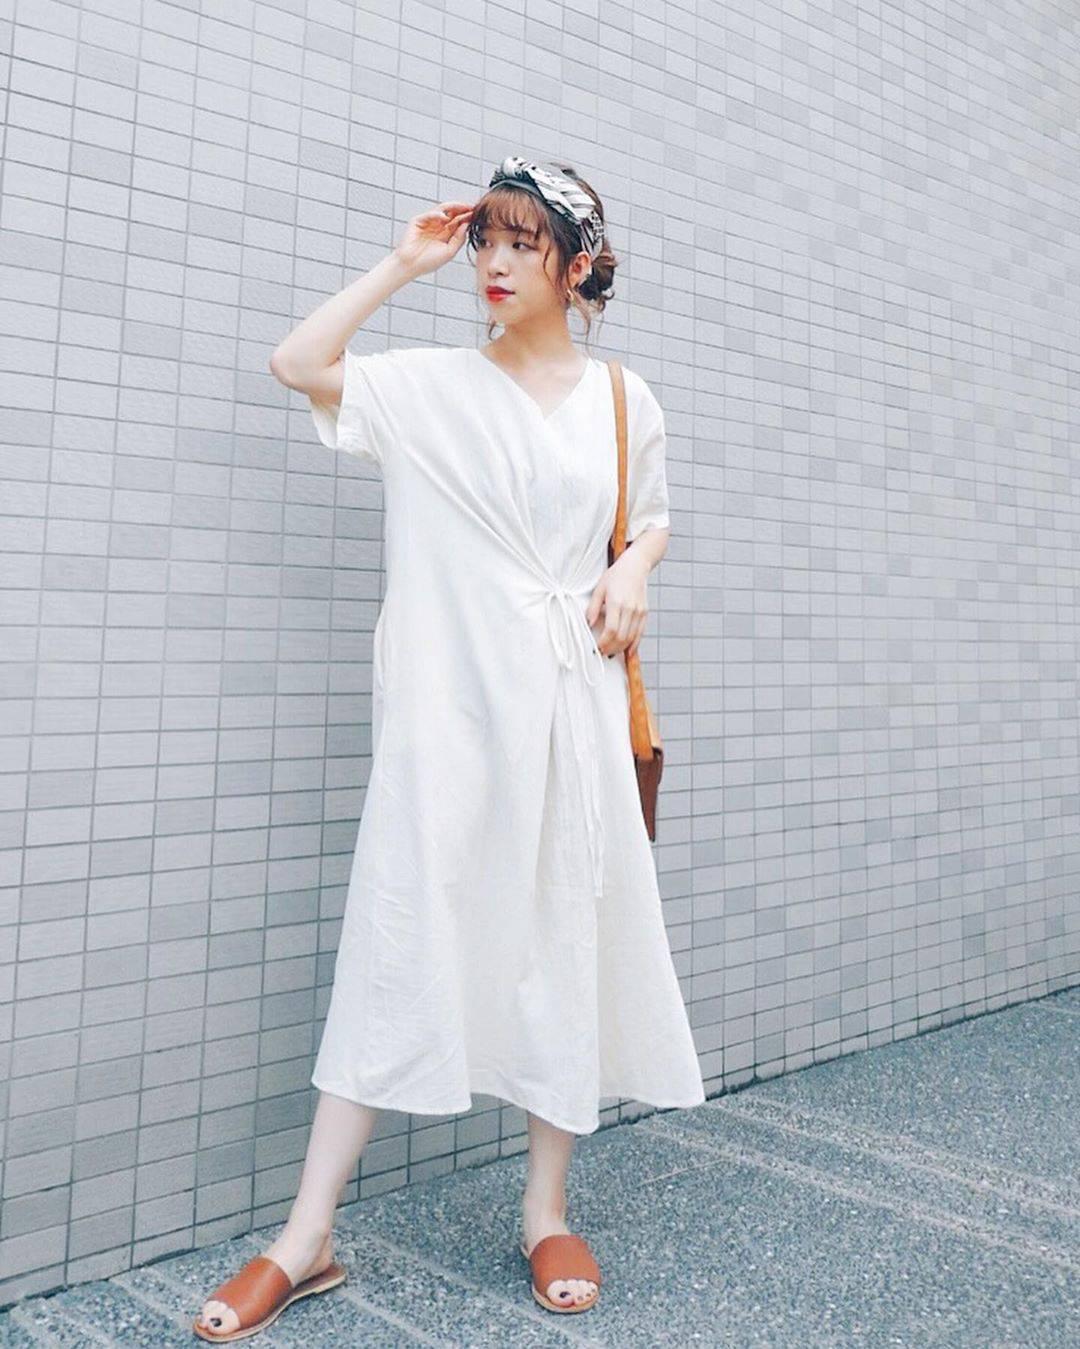 最高気温31度・最低気温20度 natsu_outfitsの服装